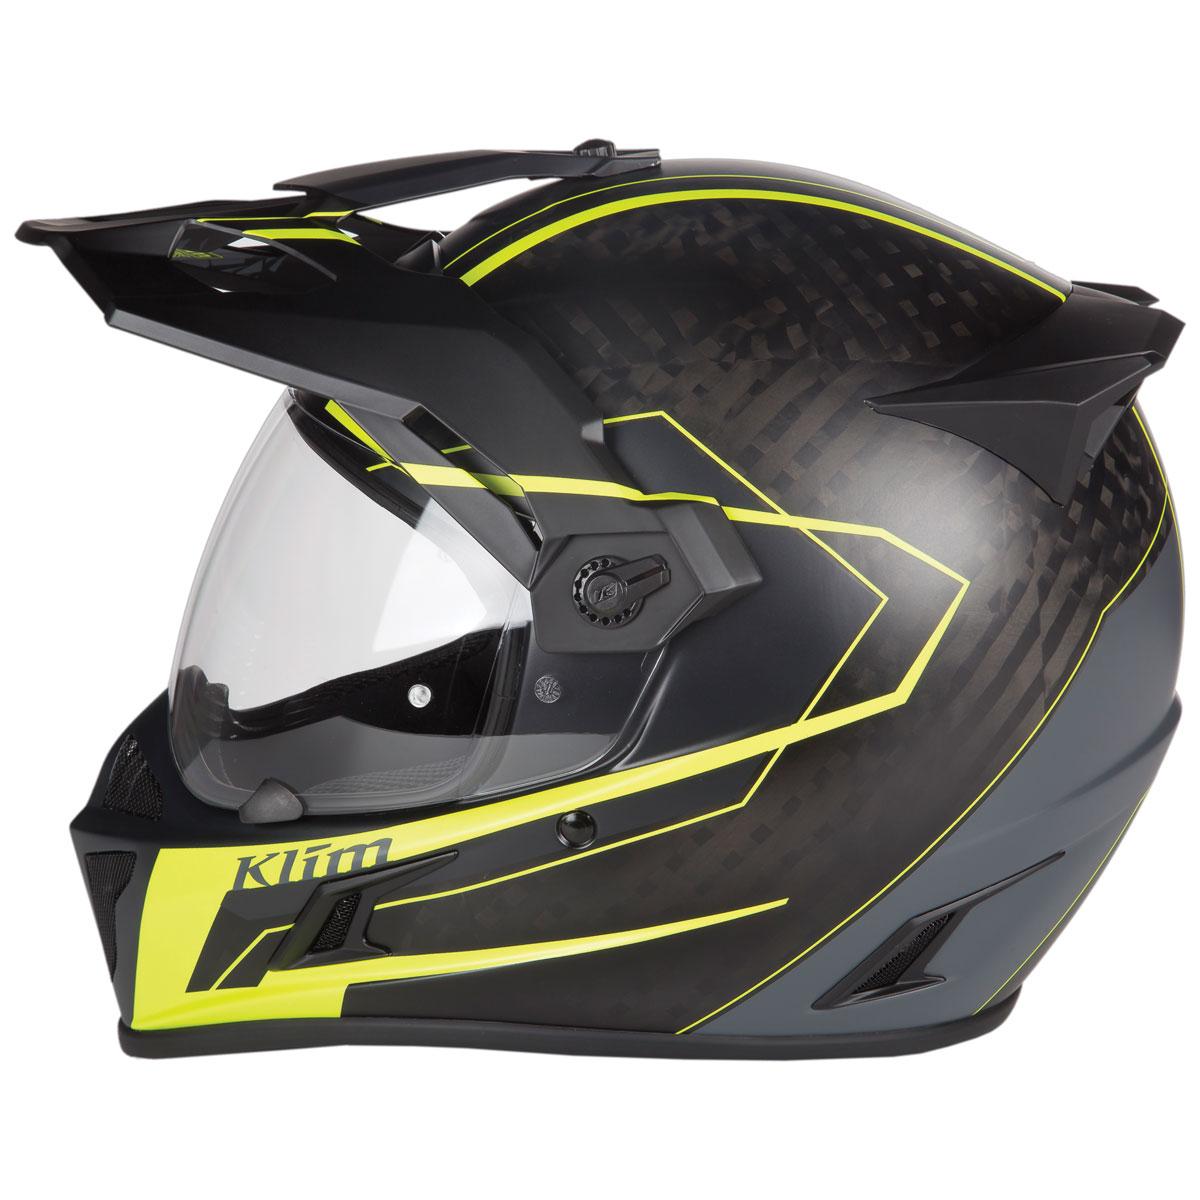 Klim Krios Vanquish Hi-Viz Dual Sport Helmet